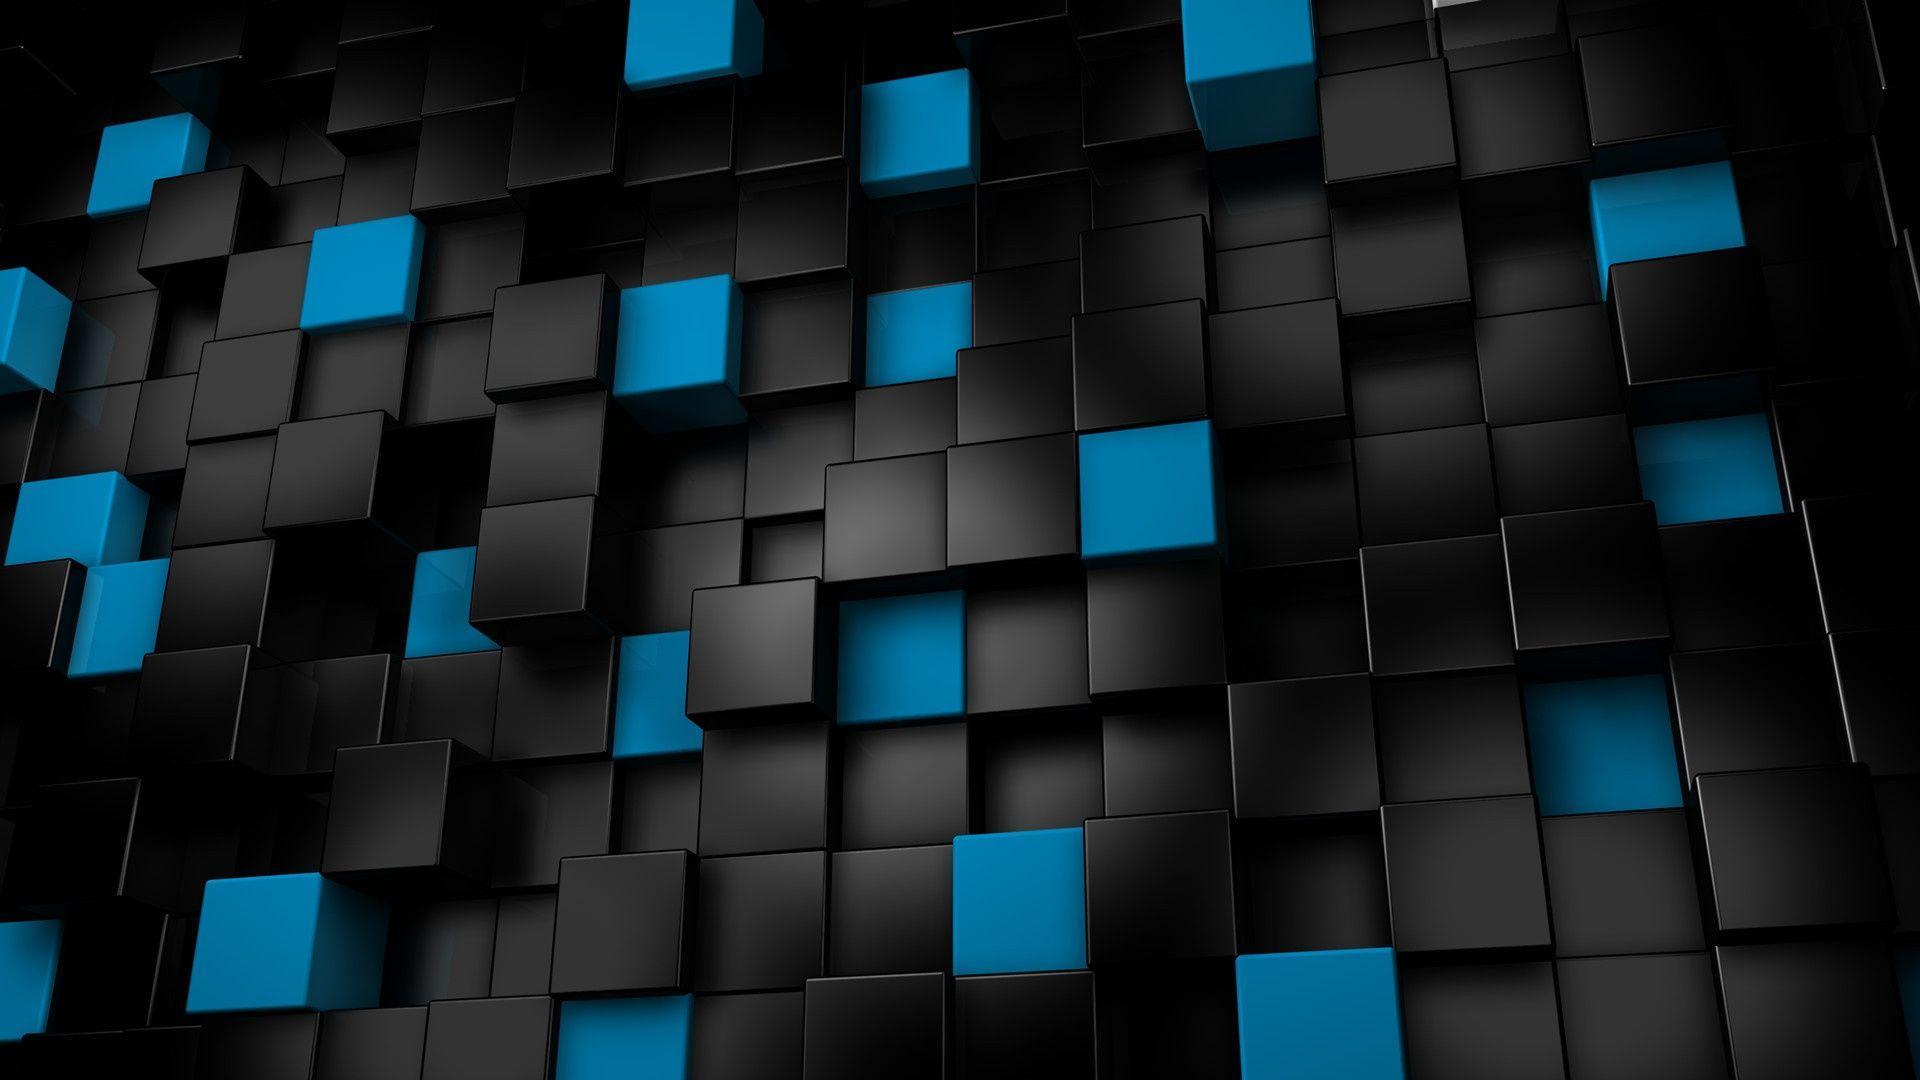 Black 3D Backgrounds 1920x1080